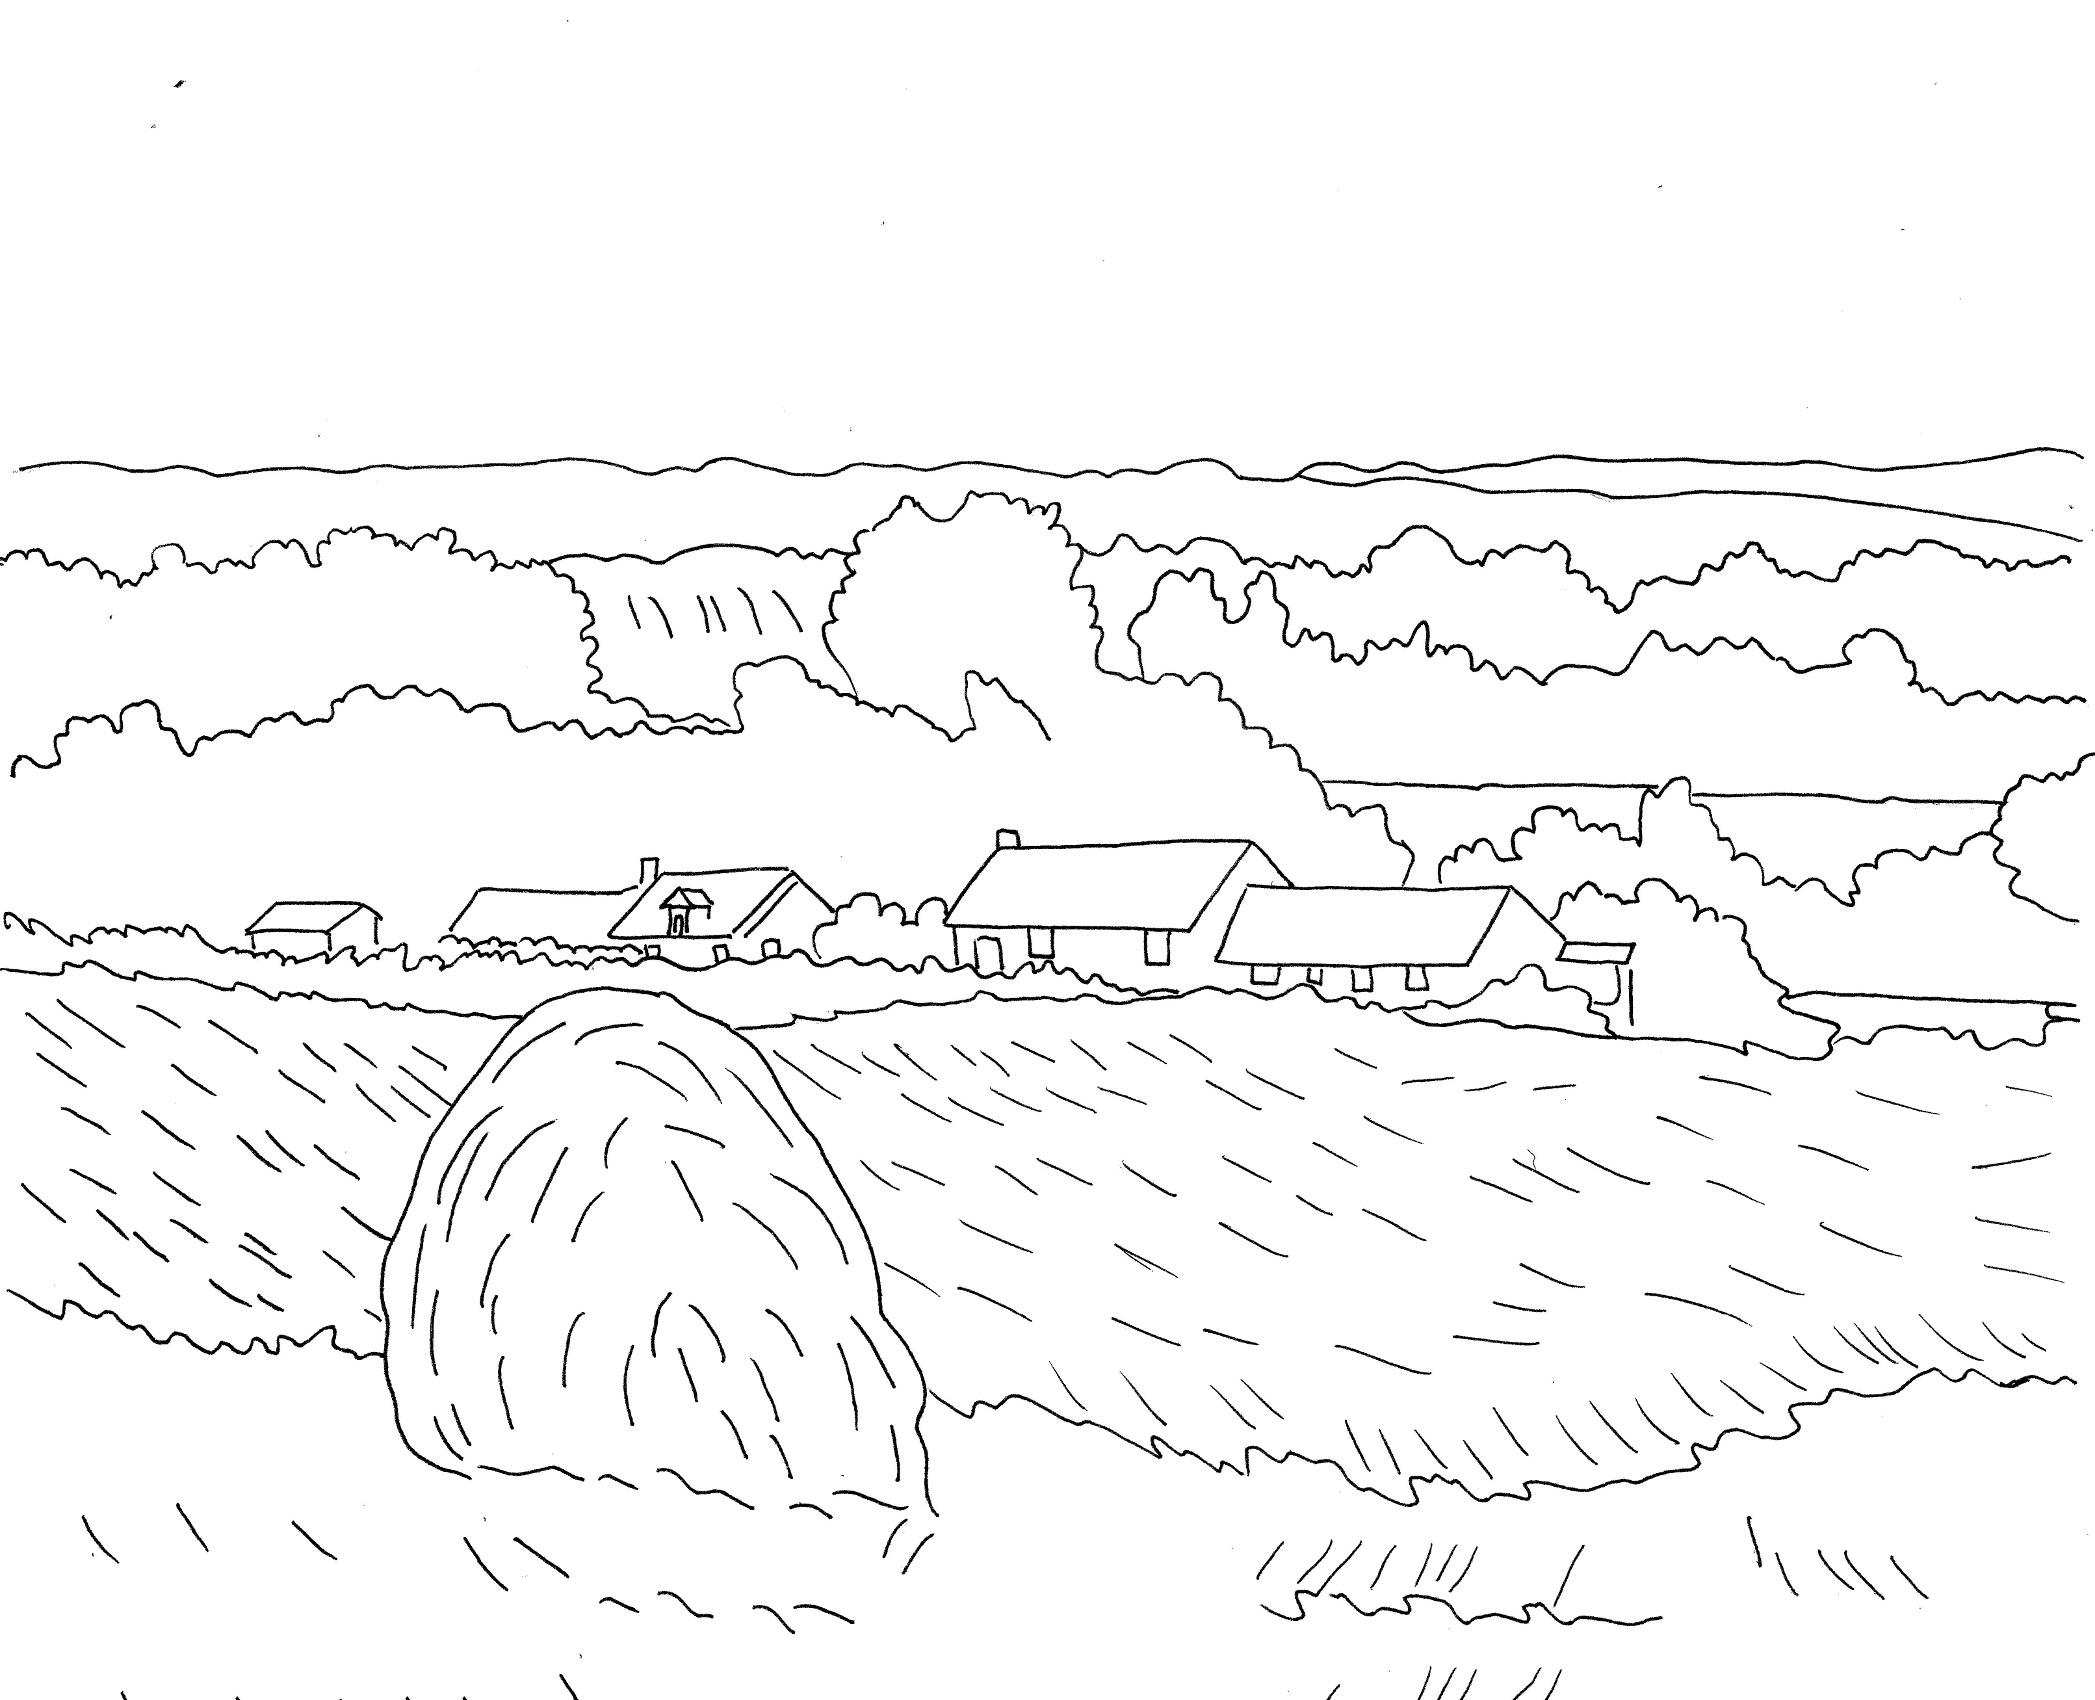 Tranh tô màu phong cảnh làng quê với cánh đồng lúa chín